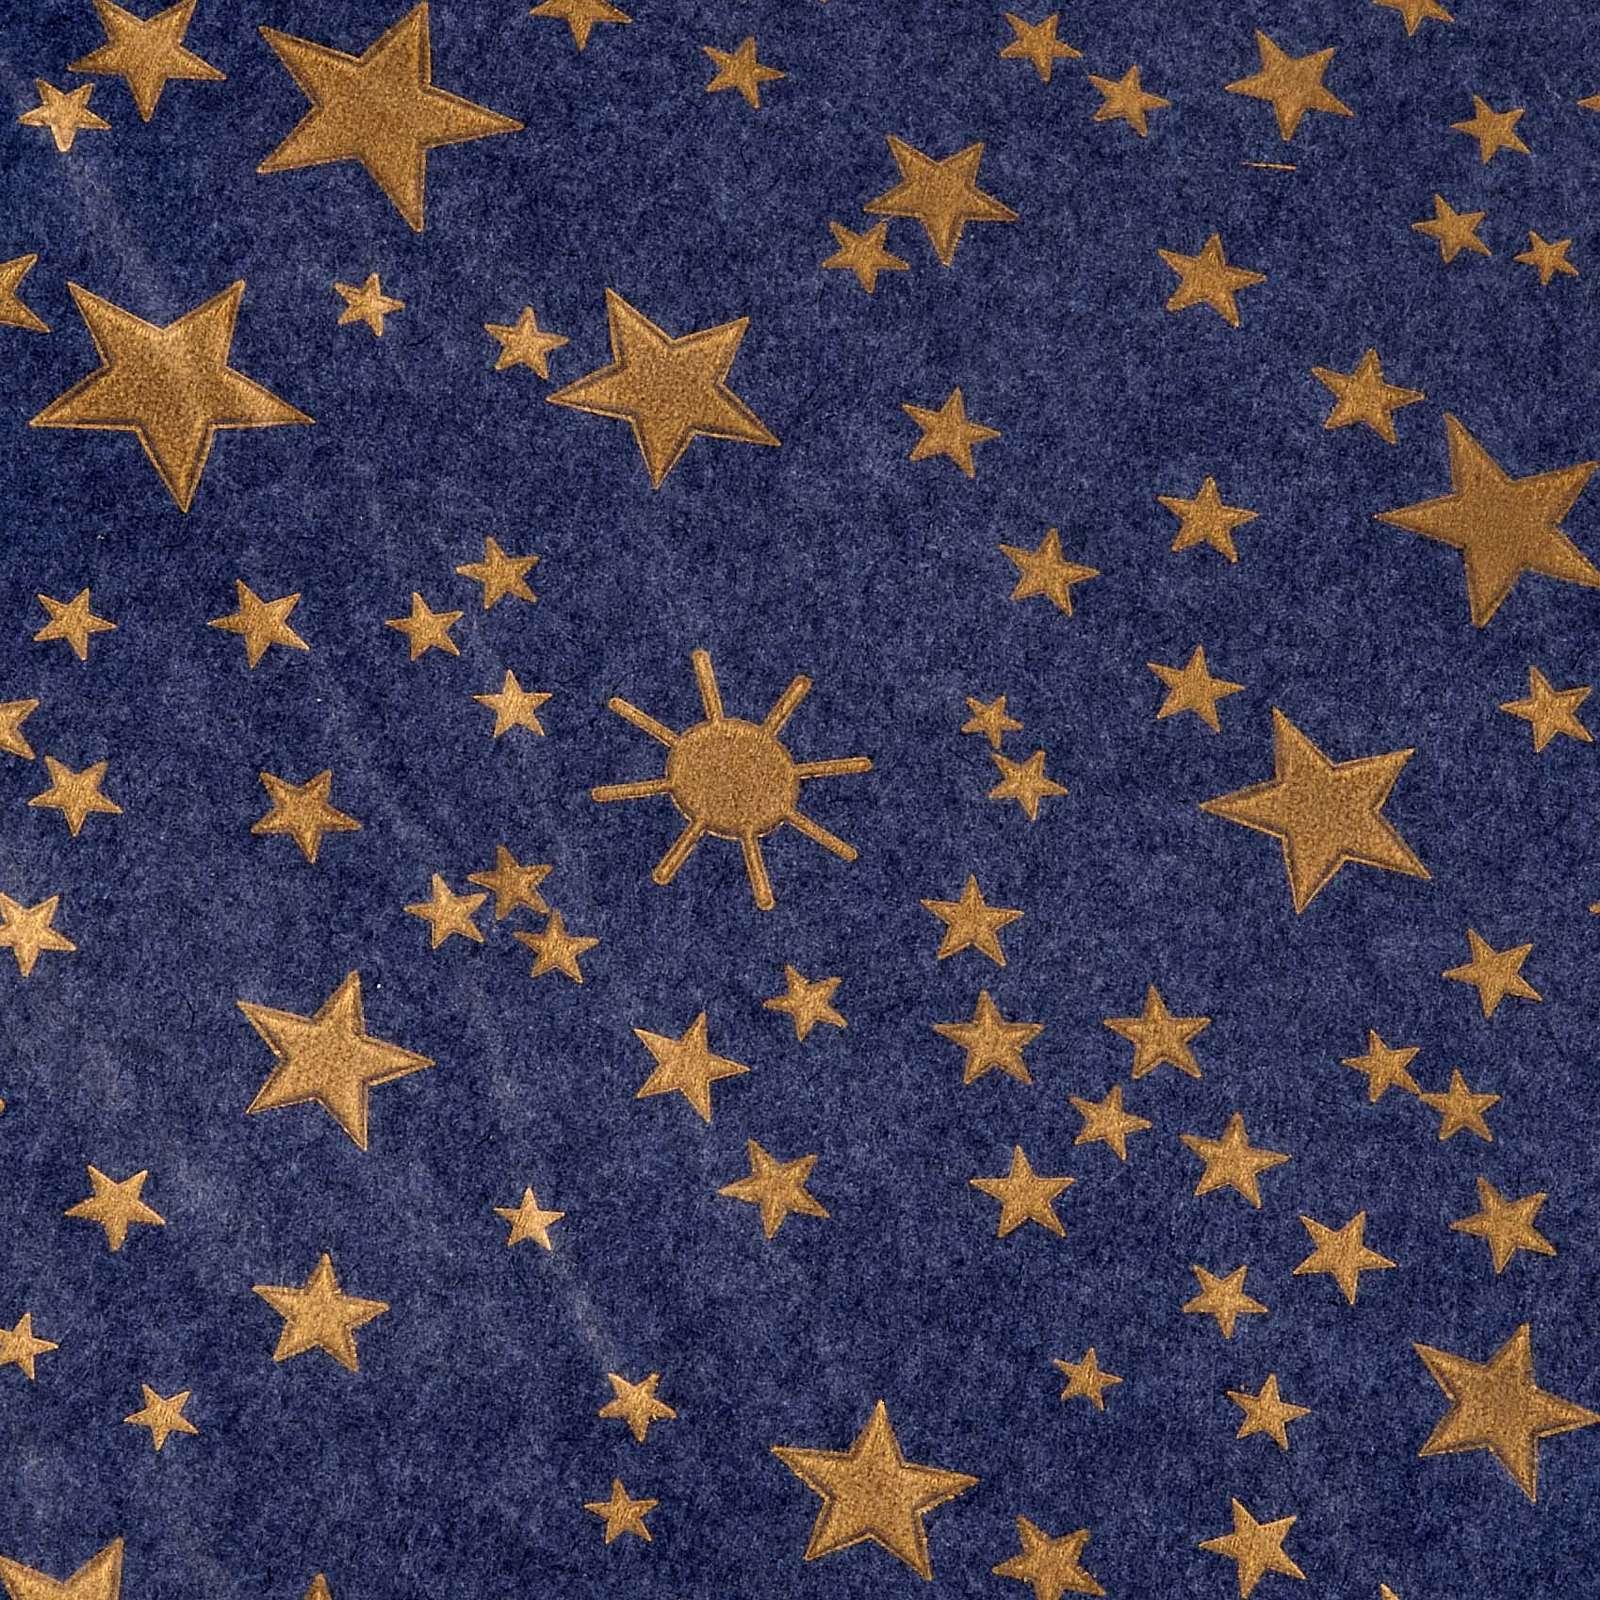 Papier décor crèche ciel étoilé 70x1 4